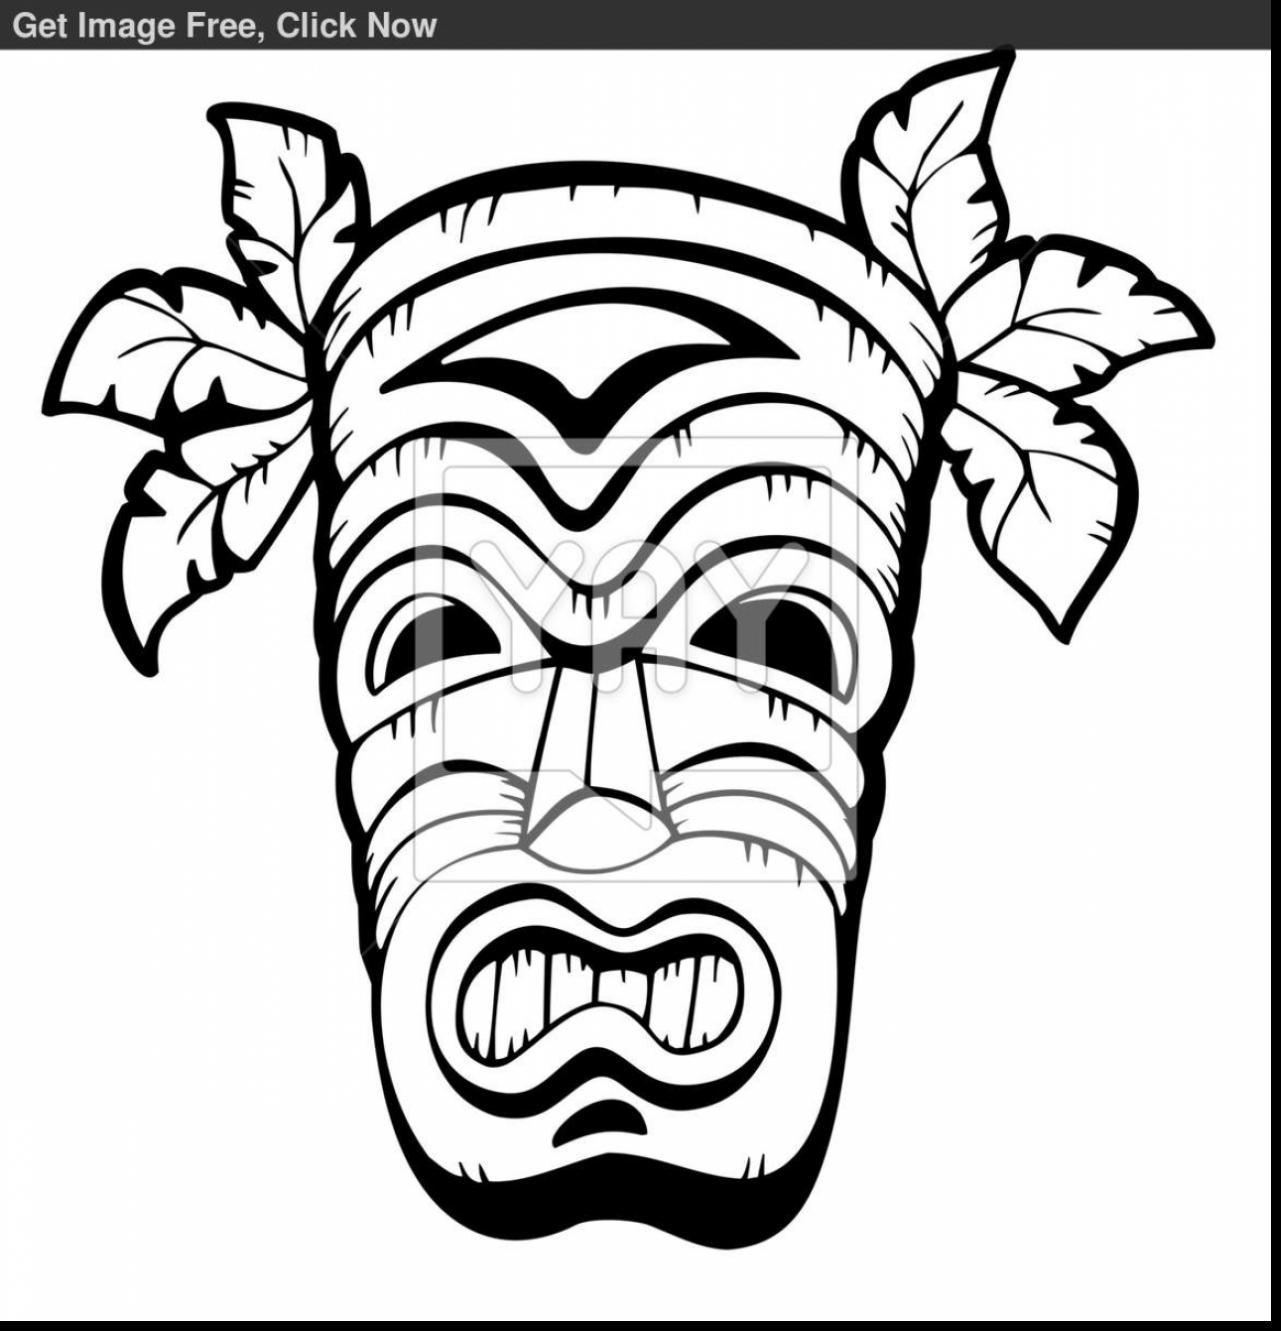 1281x1331 Beautiful Hawaiian Tiki Masks Coloring Pages With Hawaii Coloring